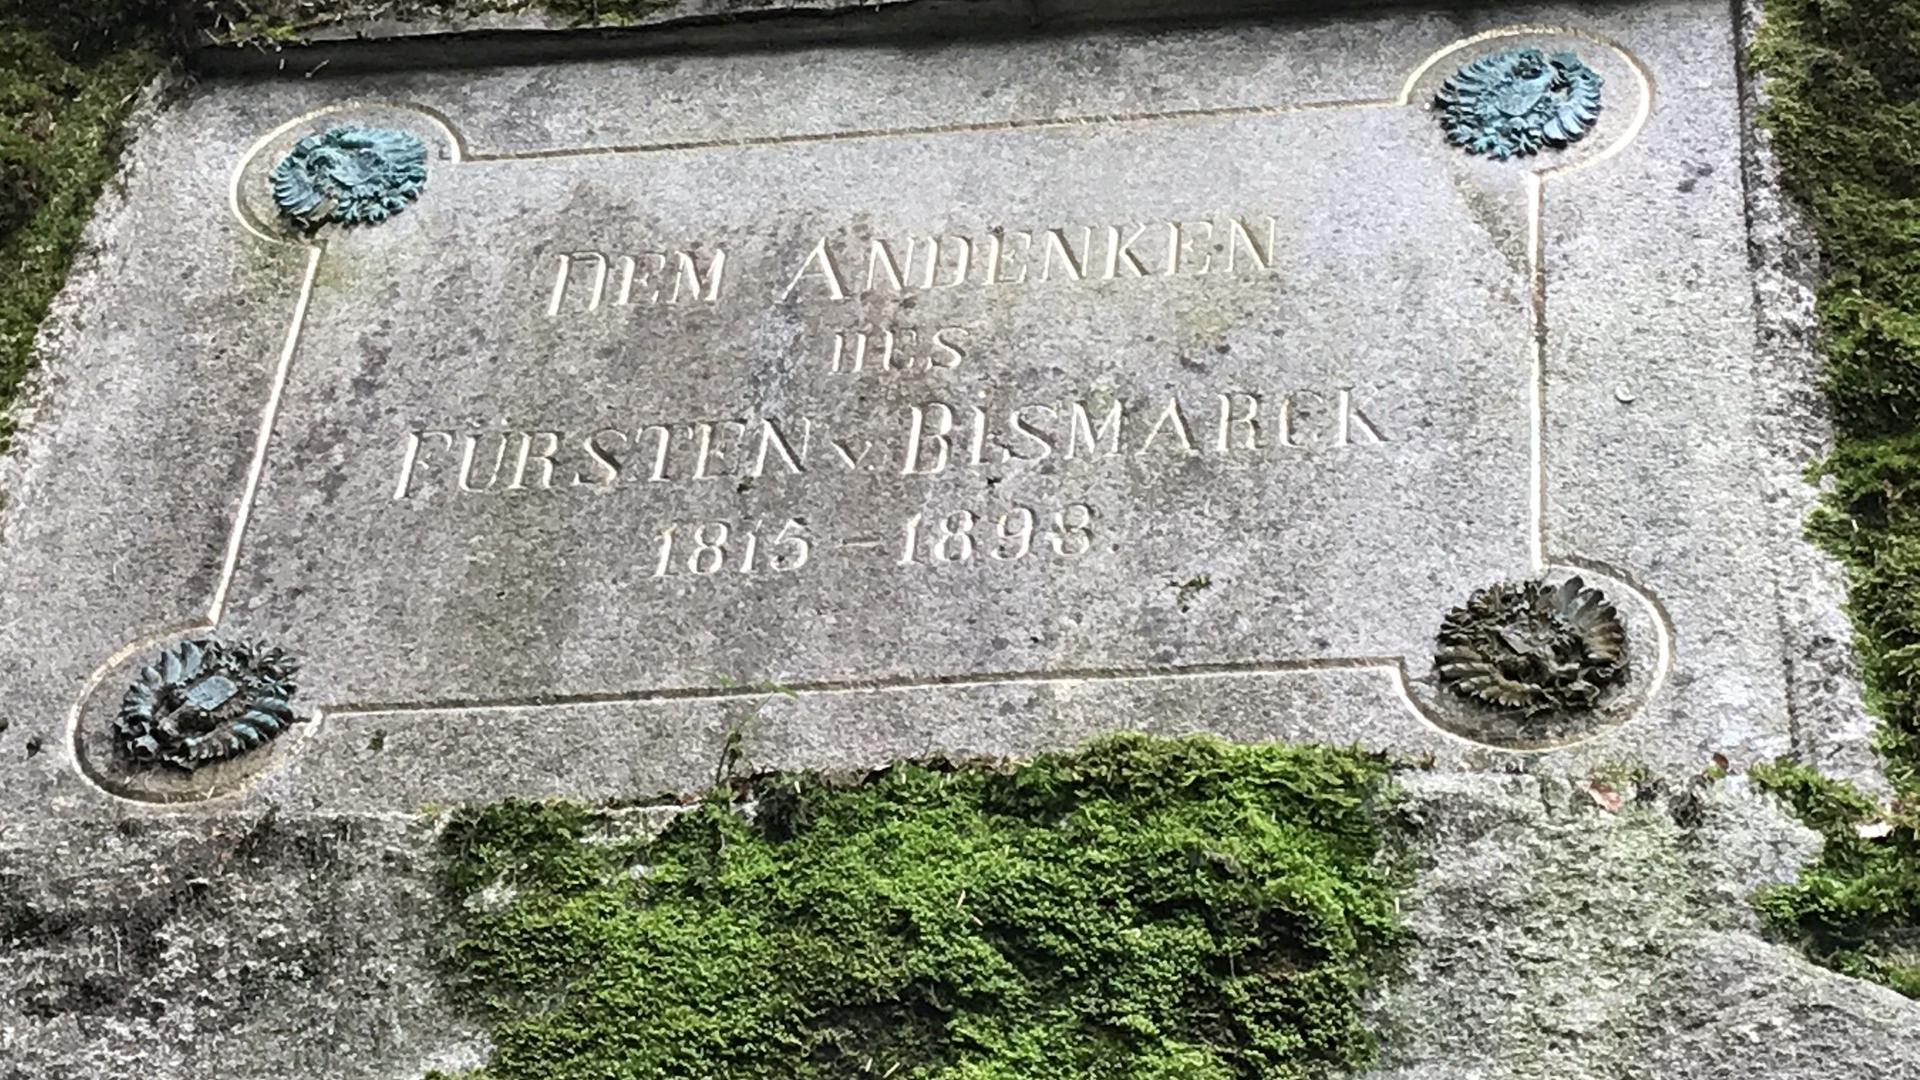 Gedenktafel an einem bemoosten Felsen. Inschrift: Dem Andenken des Fürsten v. Bismarck 1815 - 1898.